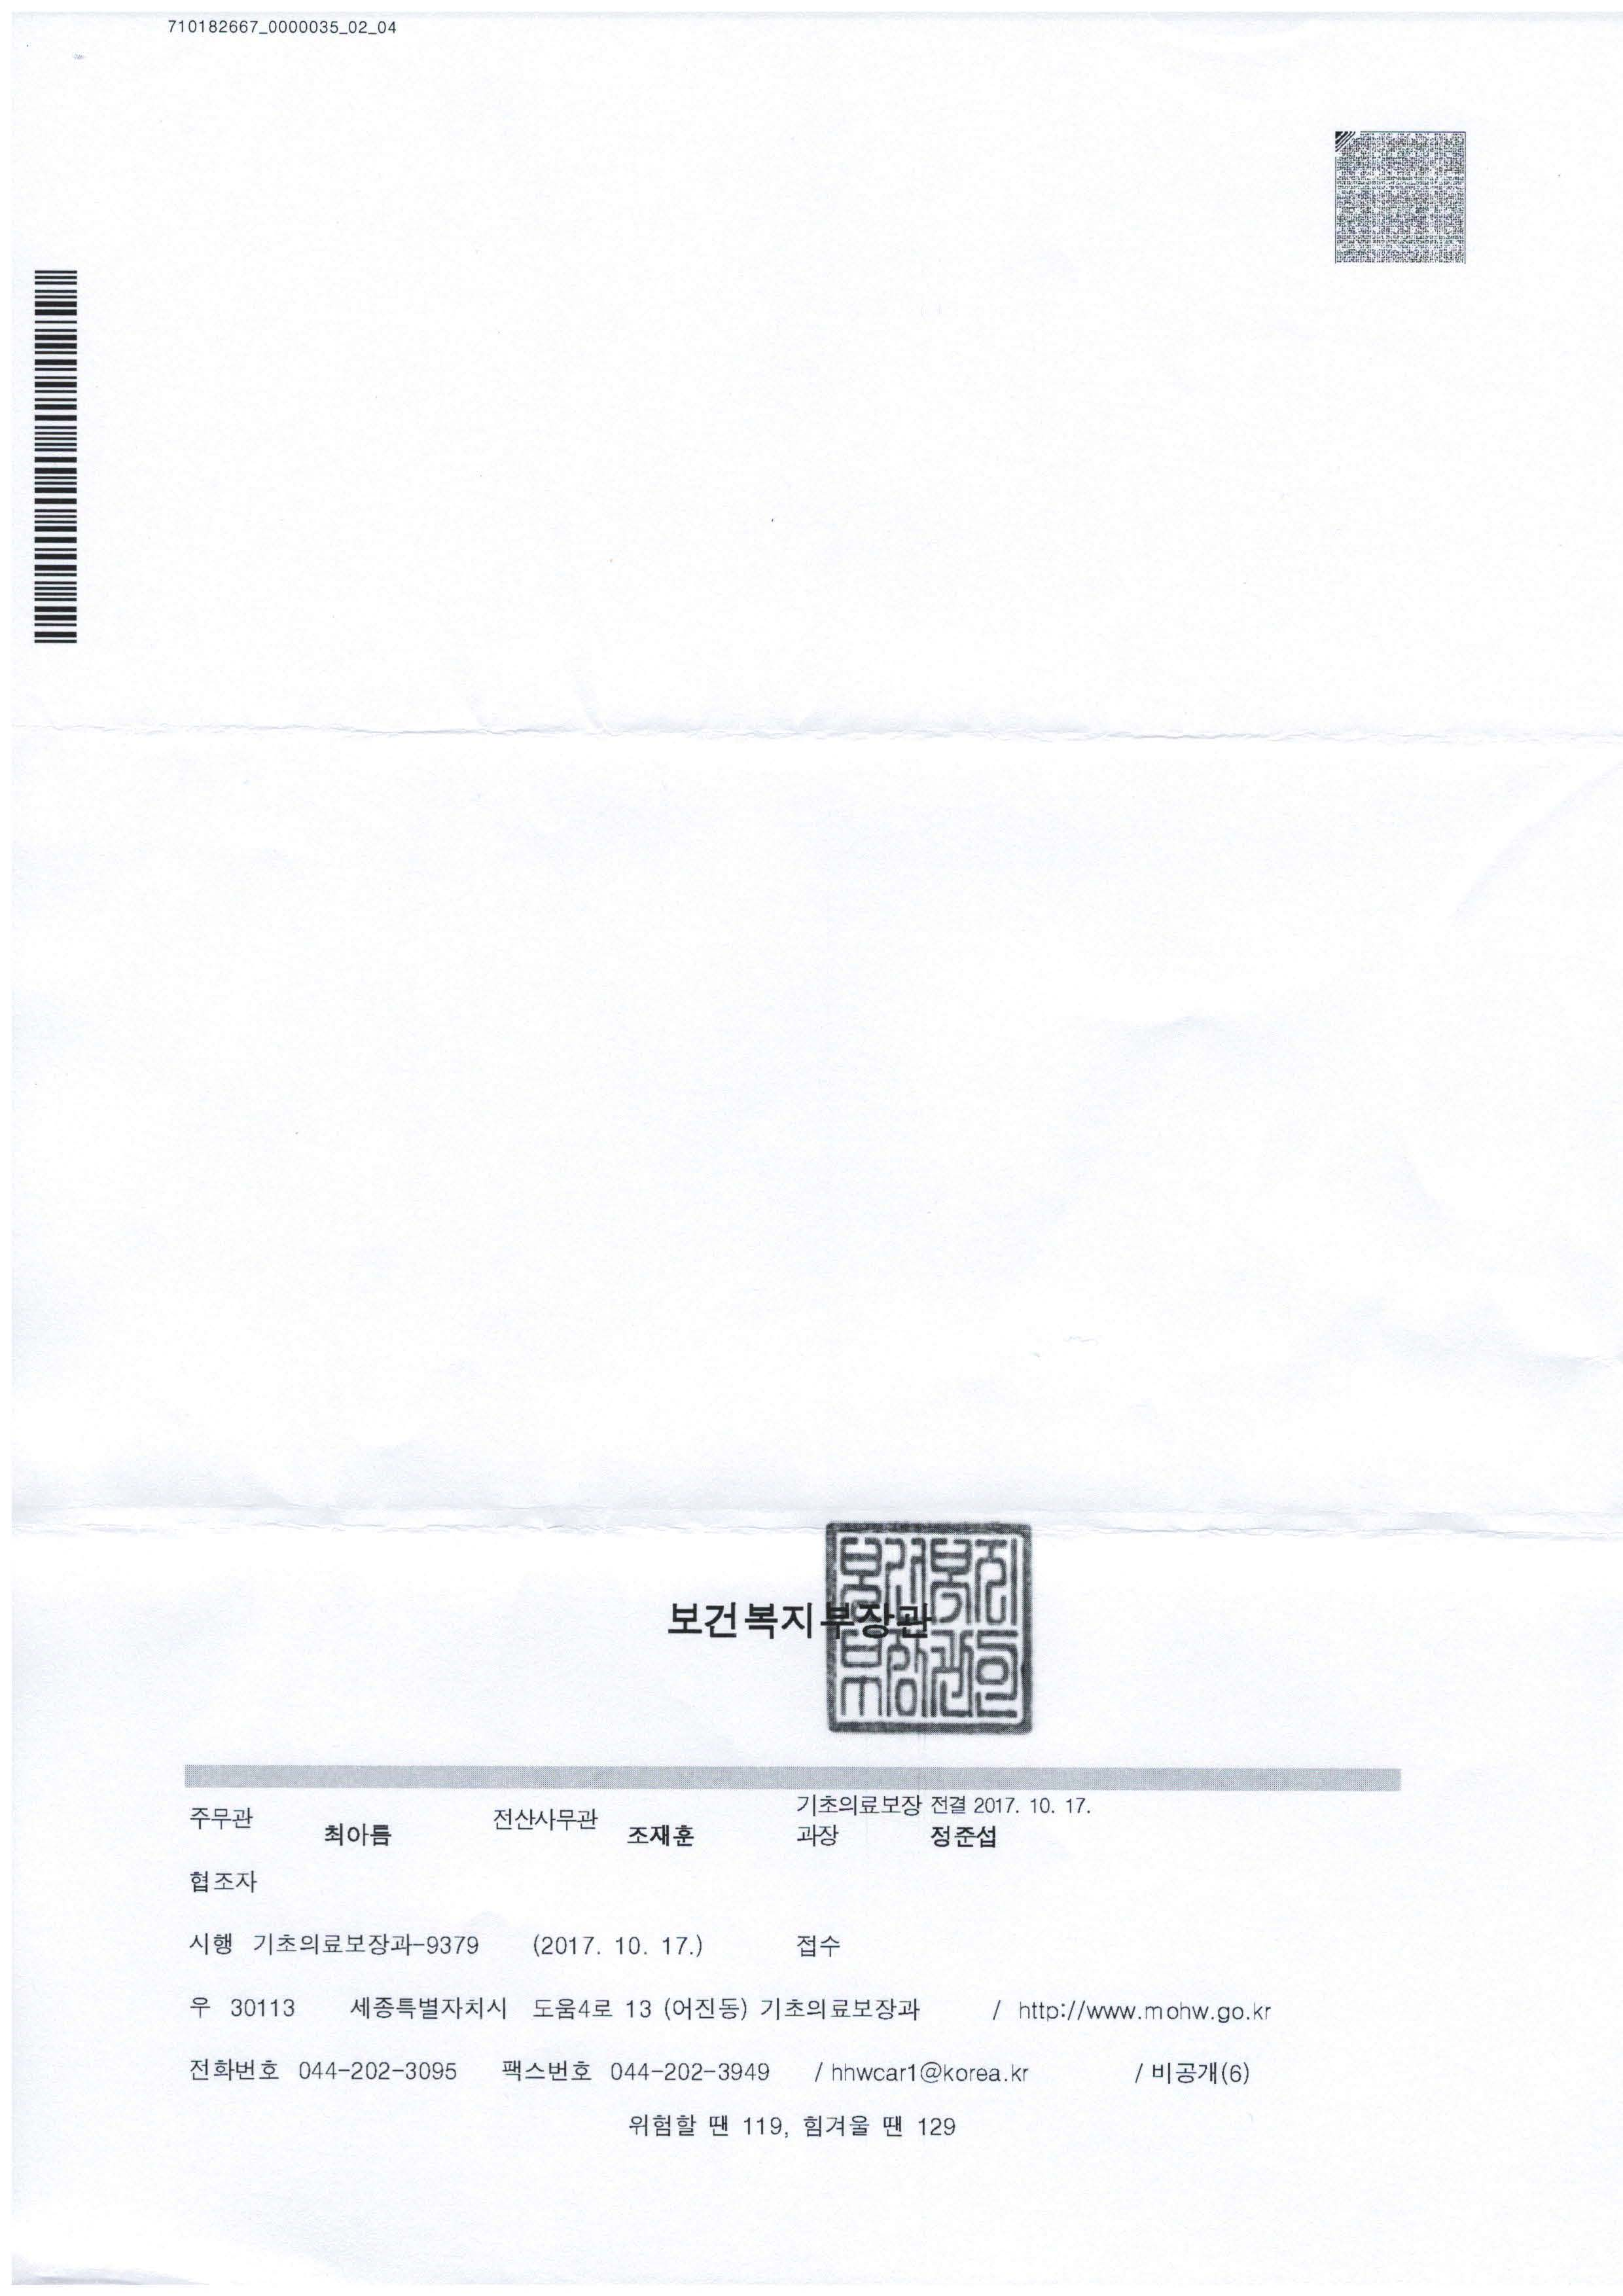 17.10.17_복지부 기초의료보장과-9379_보장구 전지 지침변경 민원 답변_페이지_2.jpg